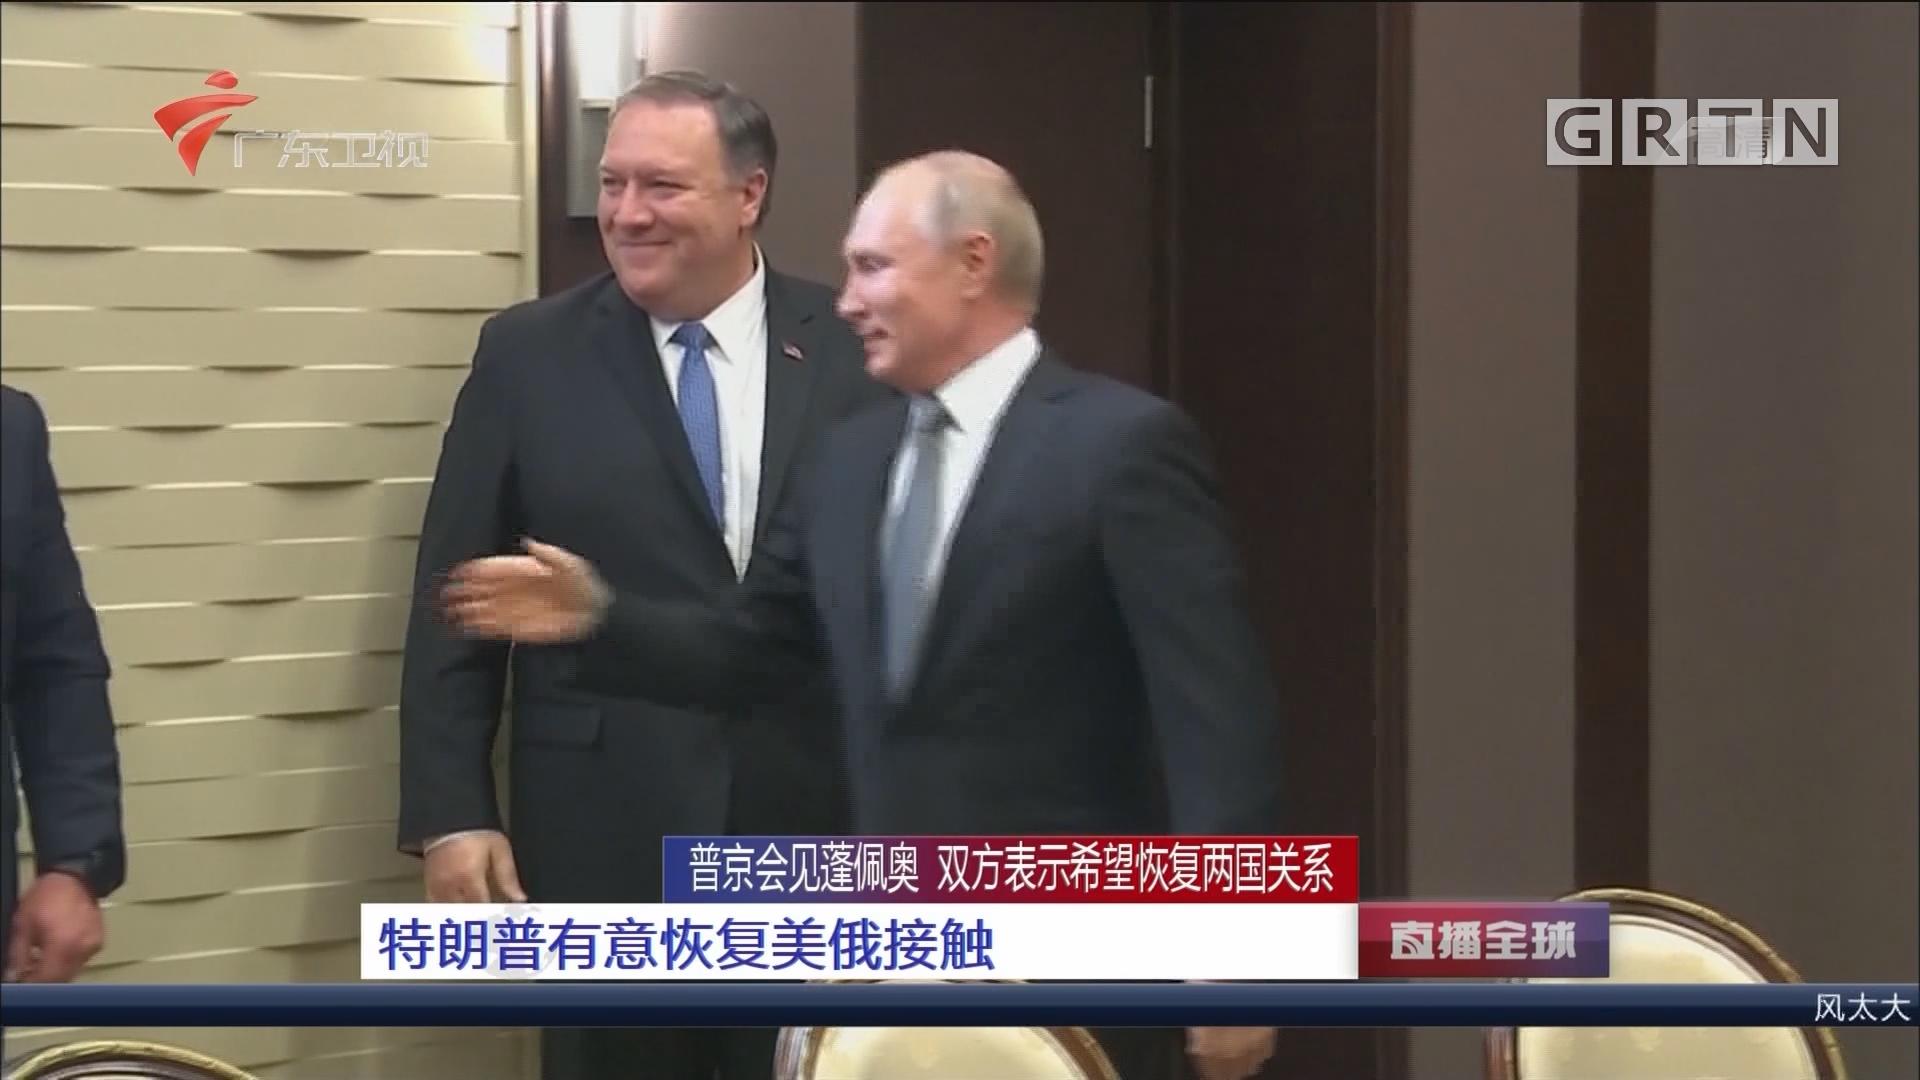 普京会见蓬佩奥 双方表示希望恢复两国关系 特朗普有意恢复美俄接触